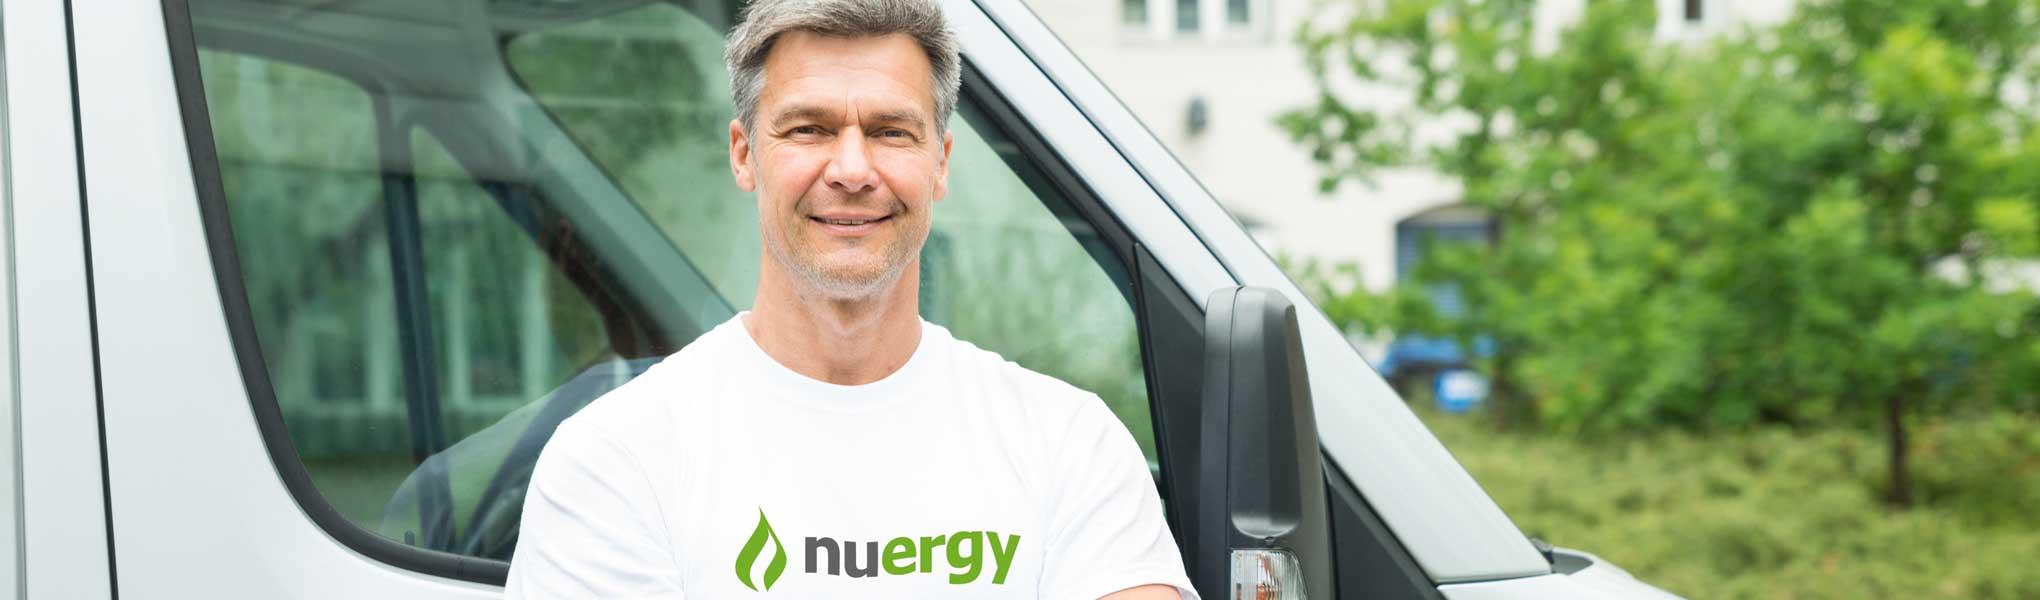 Nuergy engineer